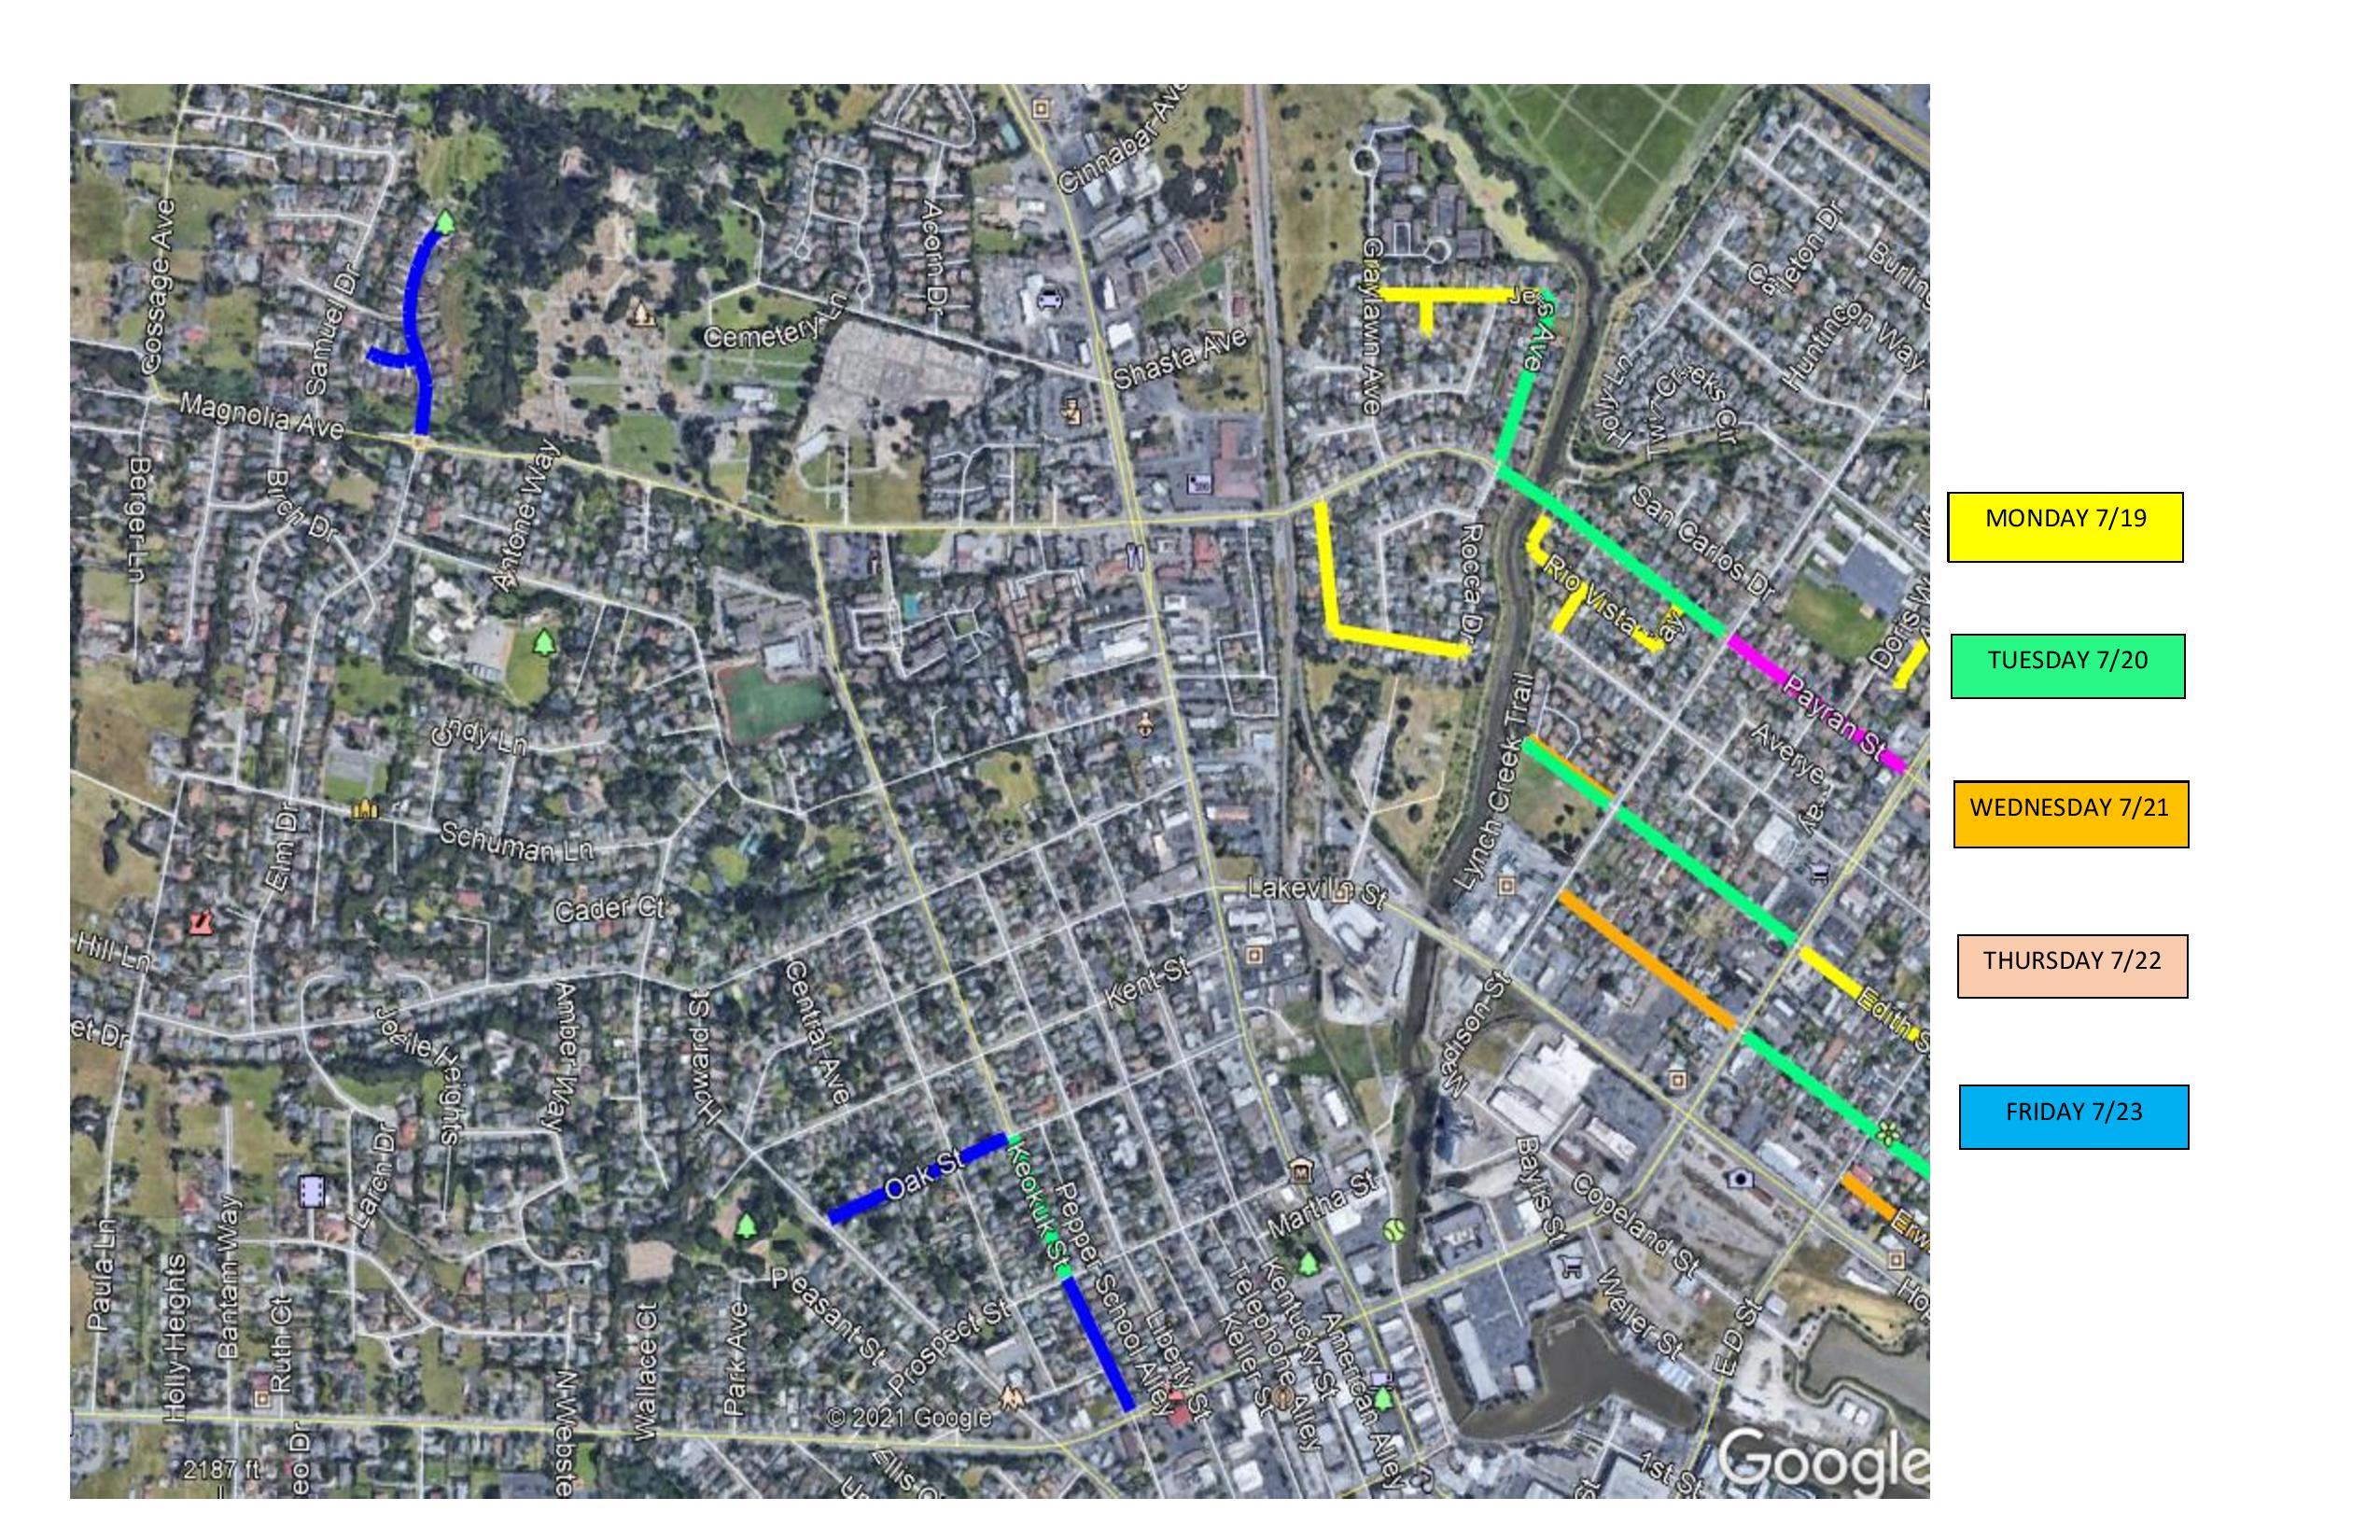 Pavement Map 3 7_19 thru 7_23-page-001